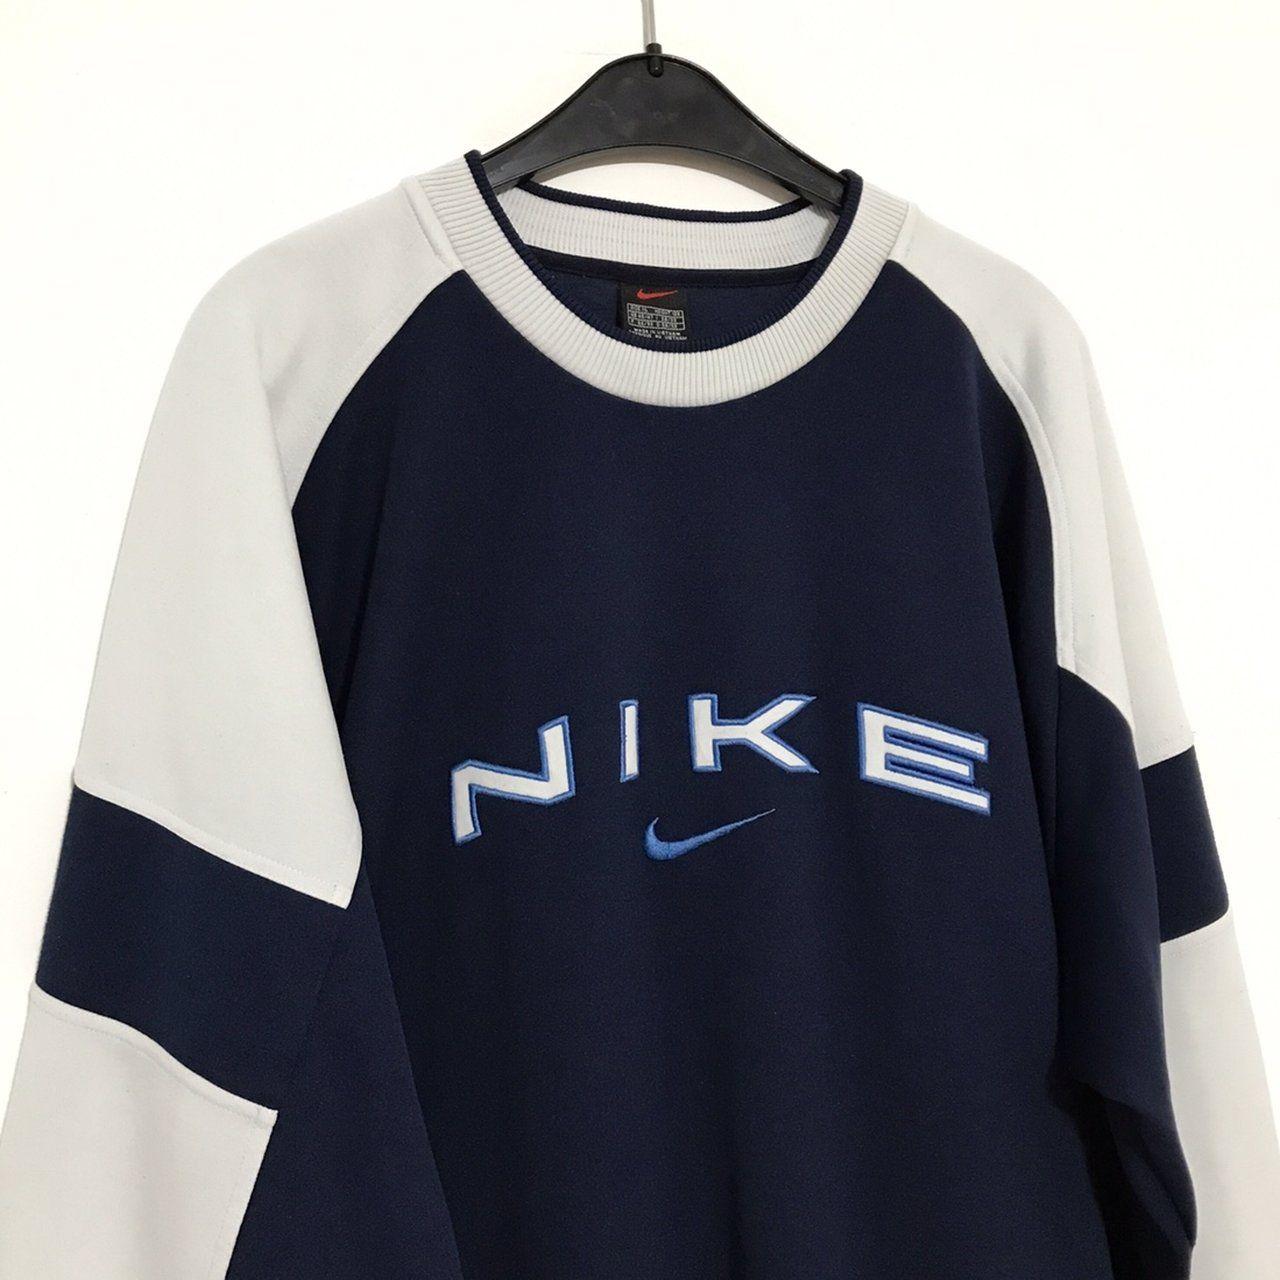 volumen Sorprendido mejilla  Vintage Nike sweatshirt Size XL / GB 45/47 Great condition - Depop | Vintage  nike sweatshirt, Vintage hoodies, Retro outfits